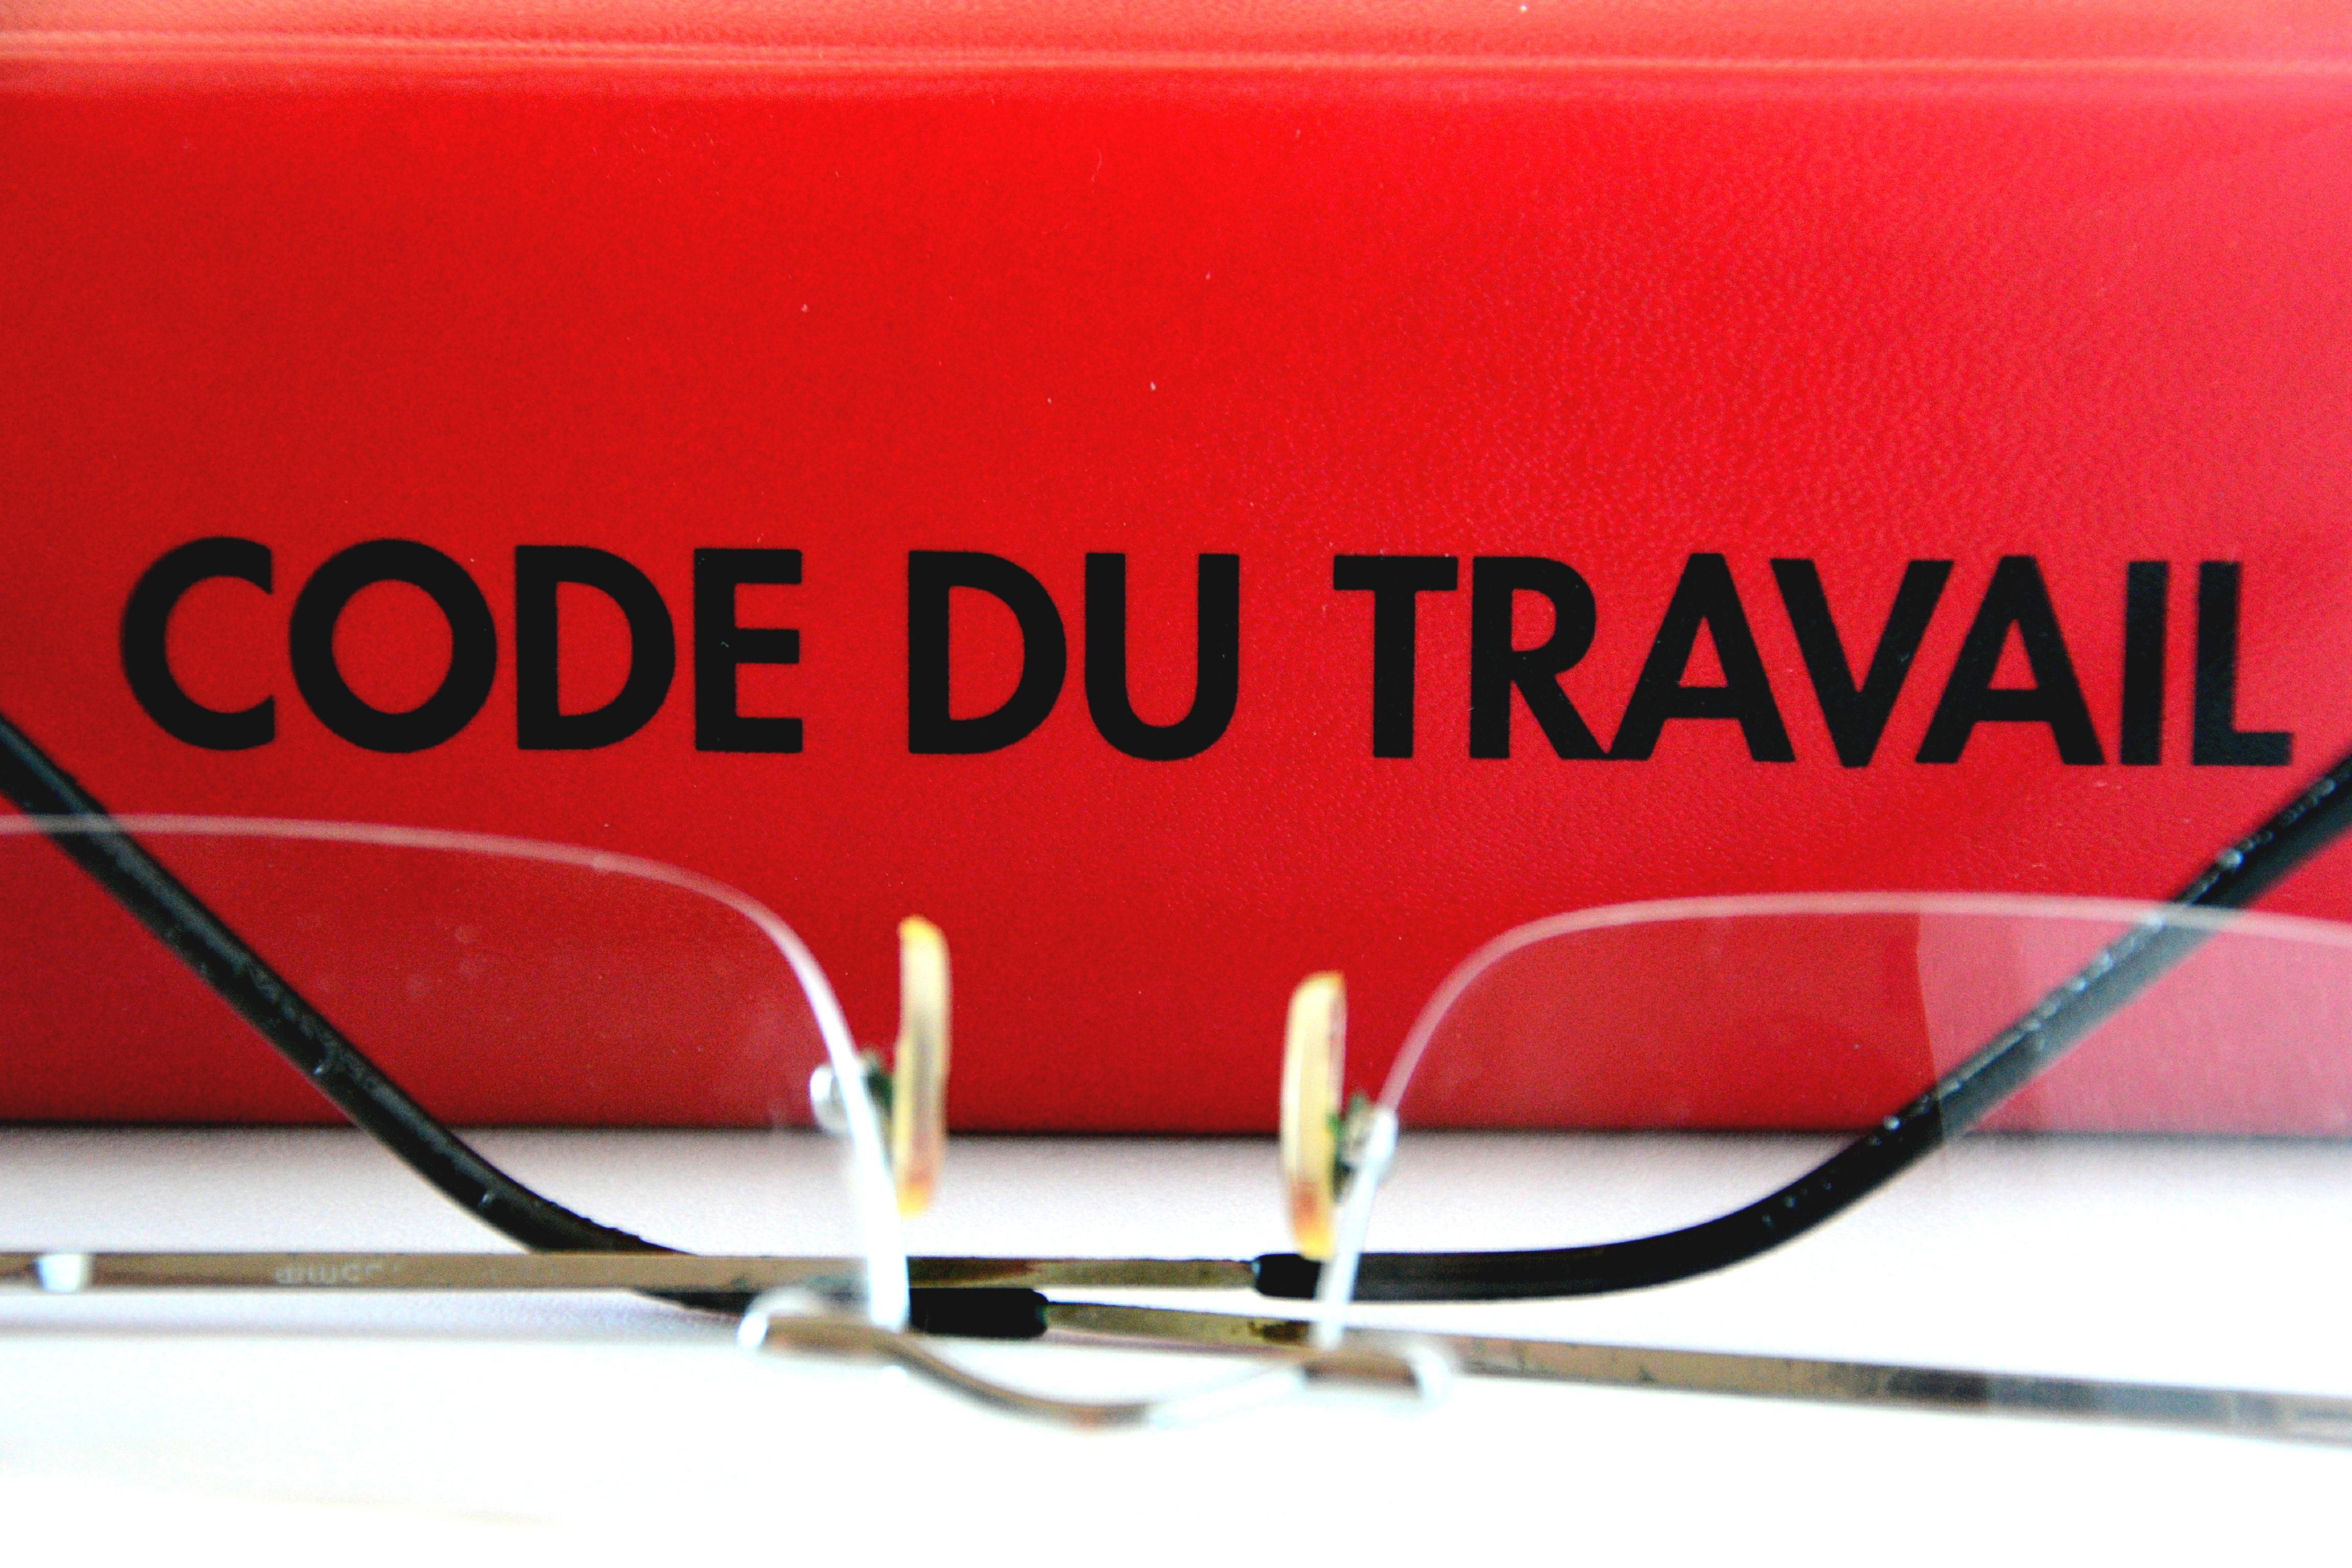 code_du_travail.jpg